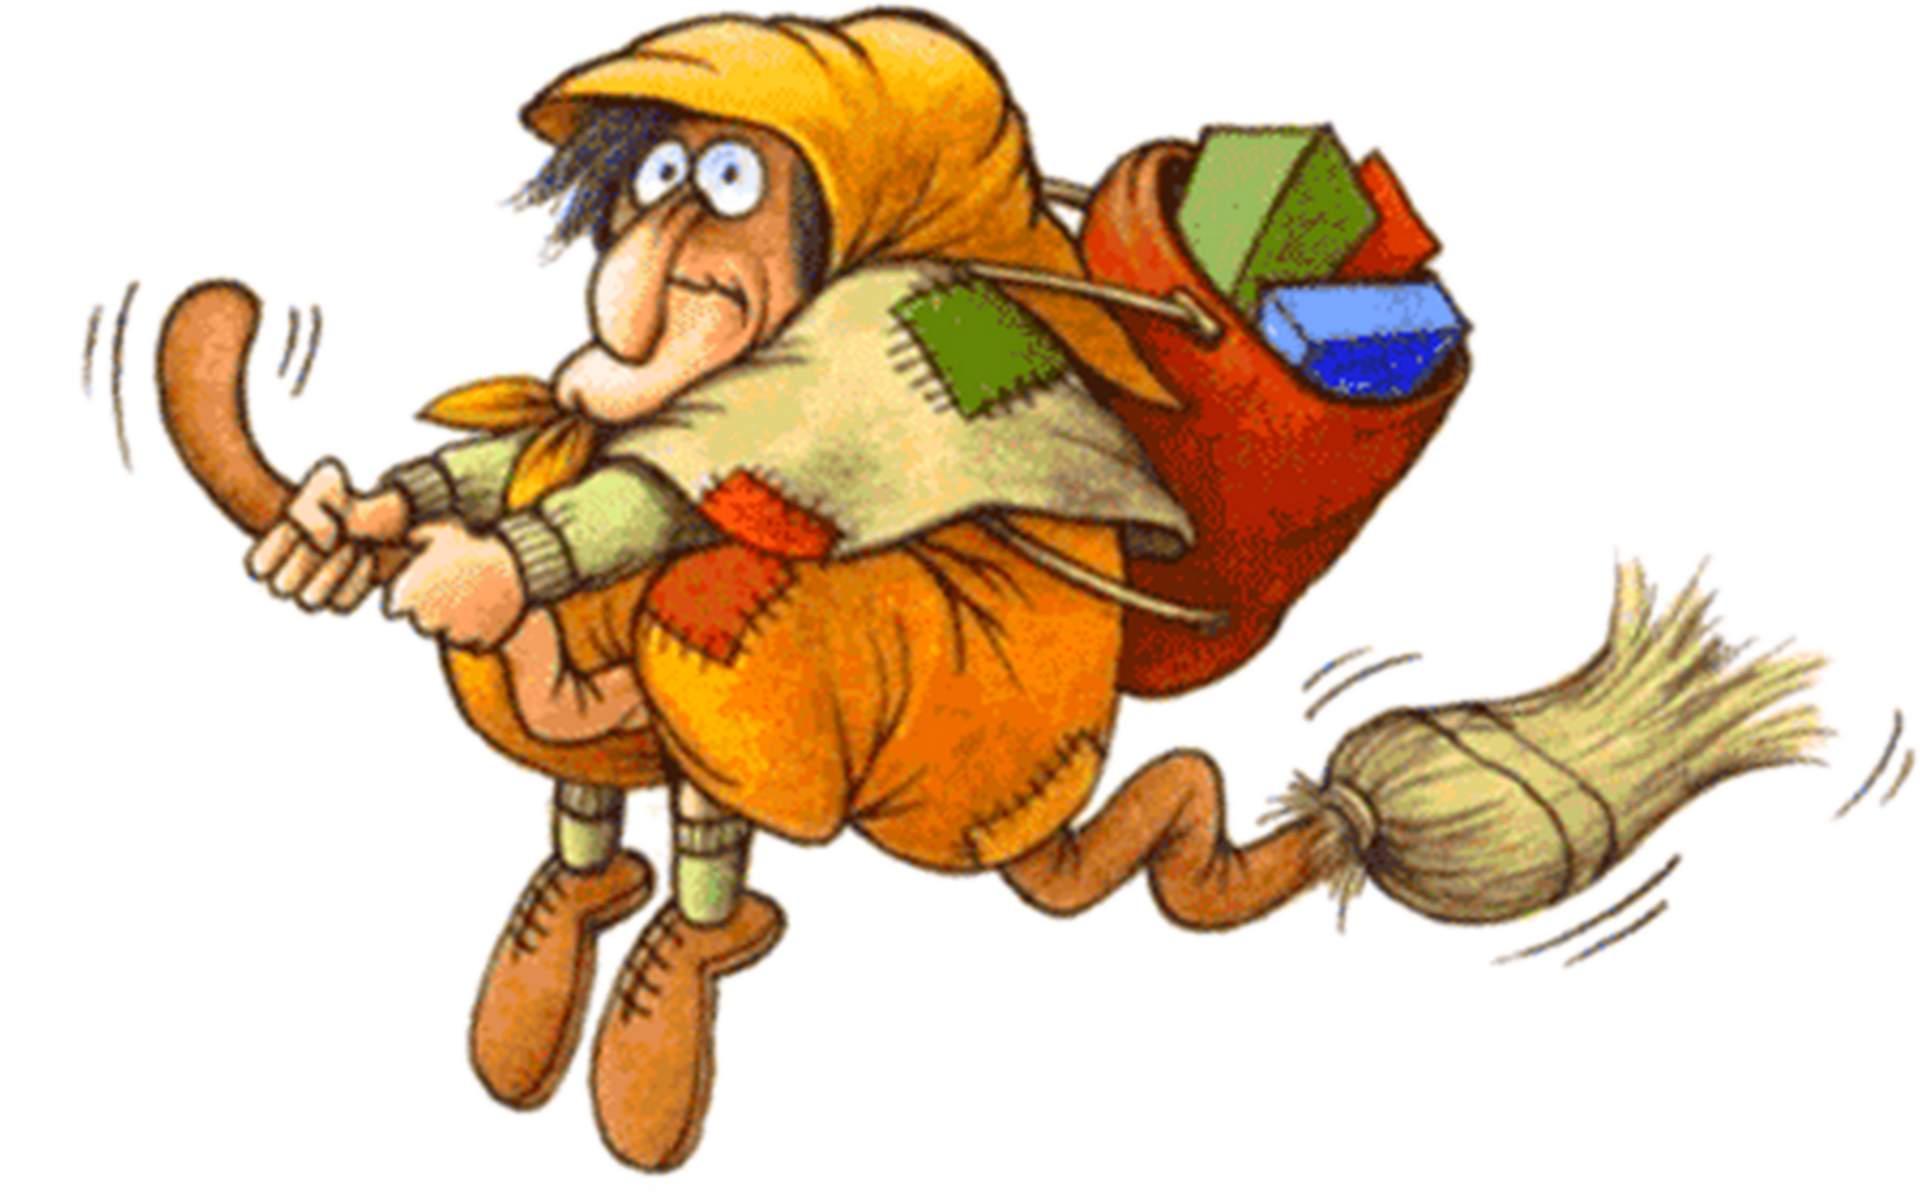 En Italie, une sorcière souriante qui vole sur son balai, donne bonbons et cadeaux aux enfants sages.